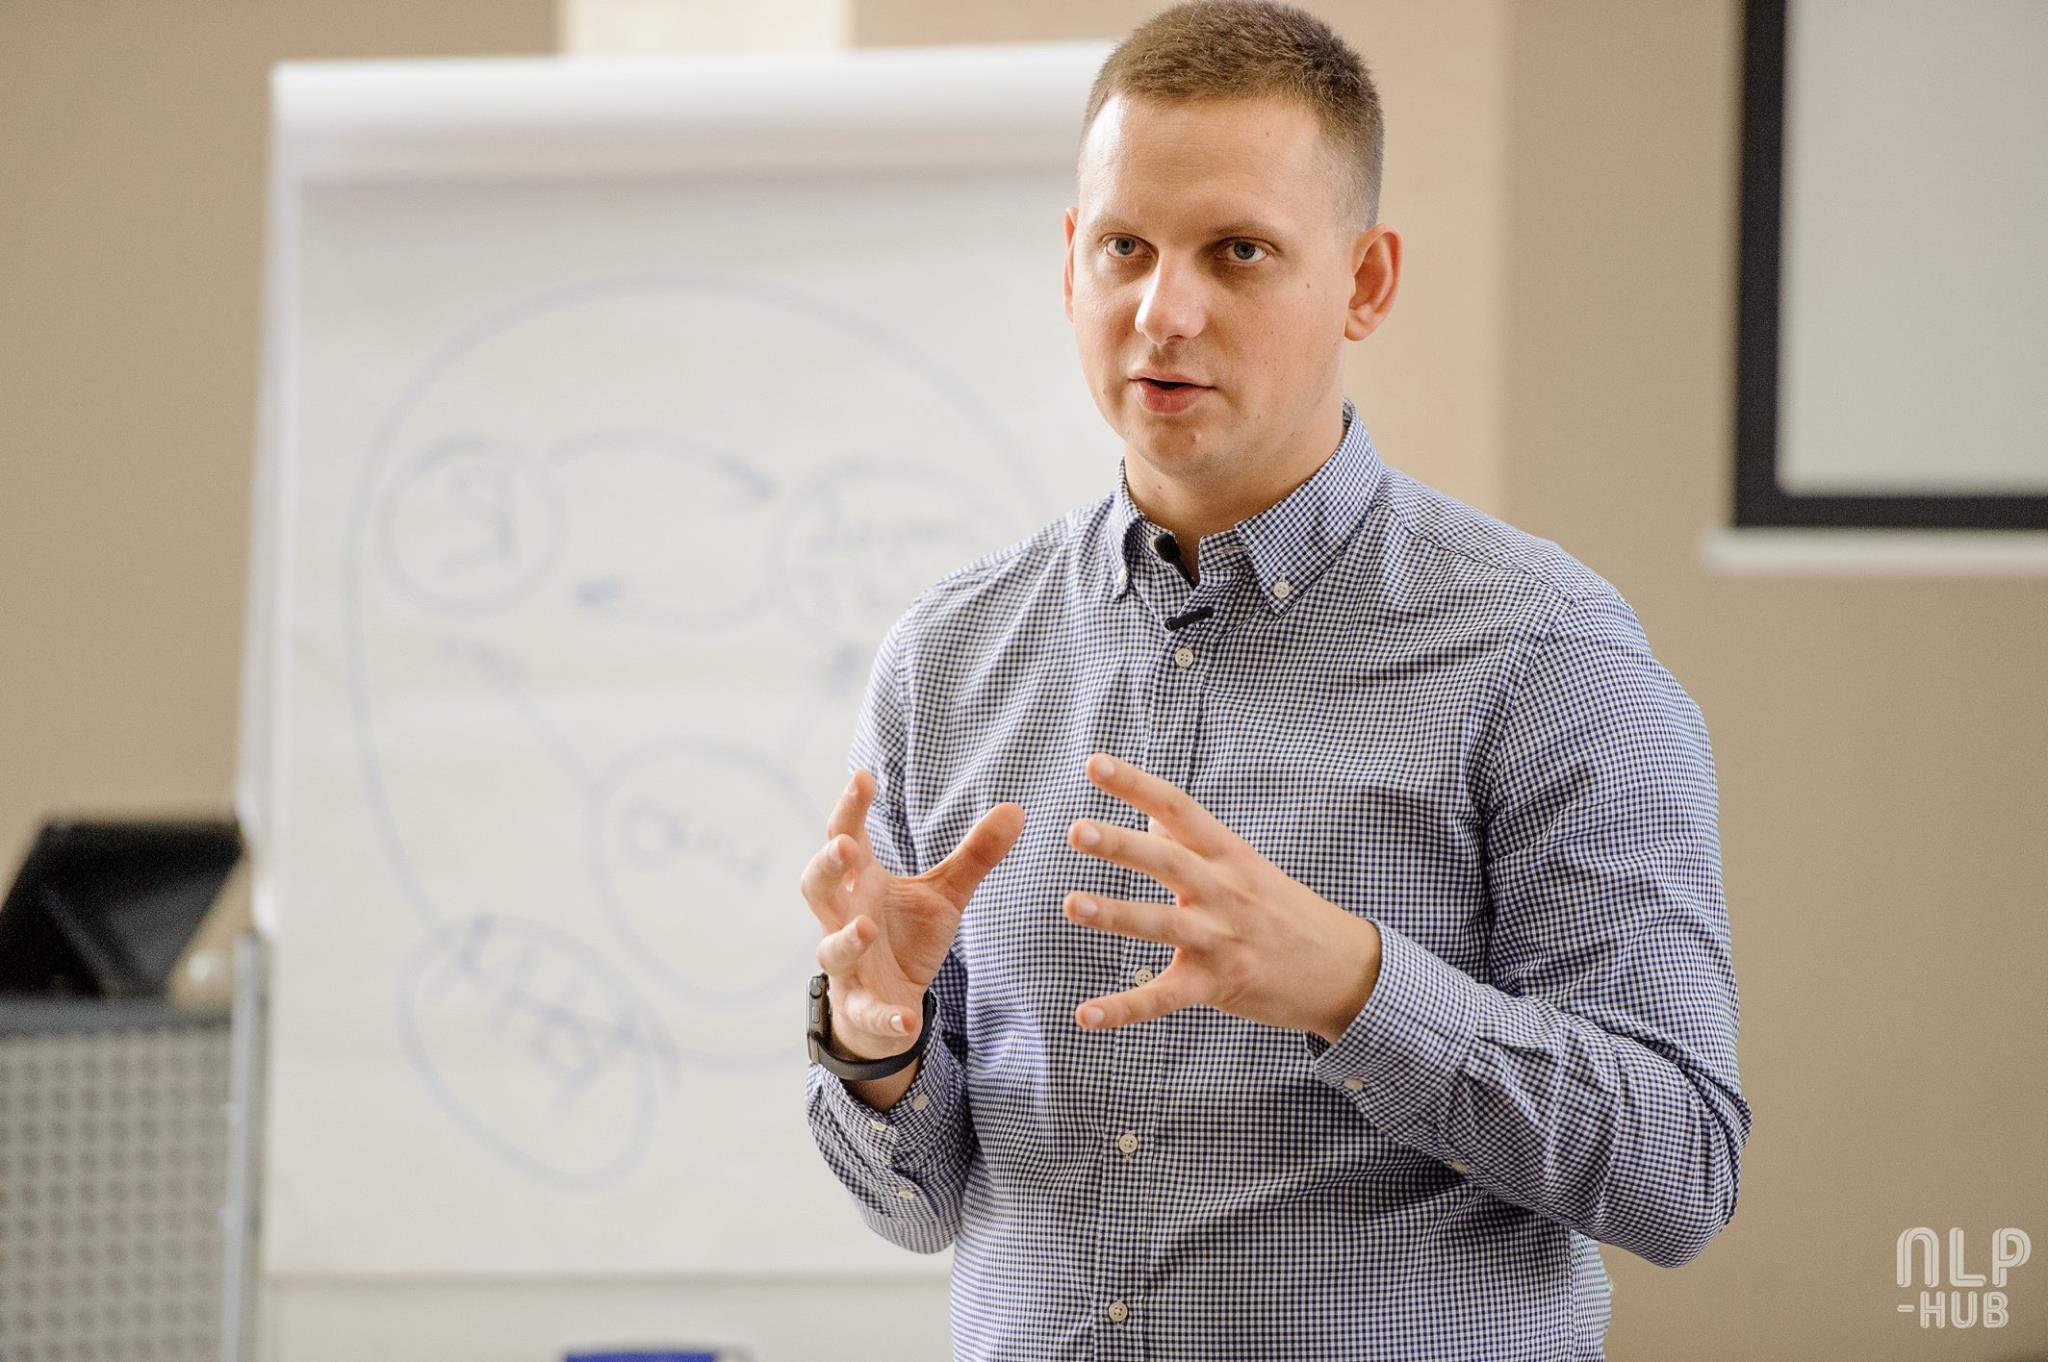 Что влияет на успех тренера в длительной перспективе?